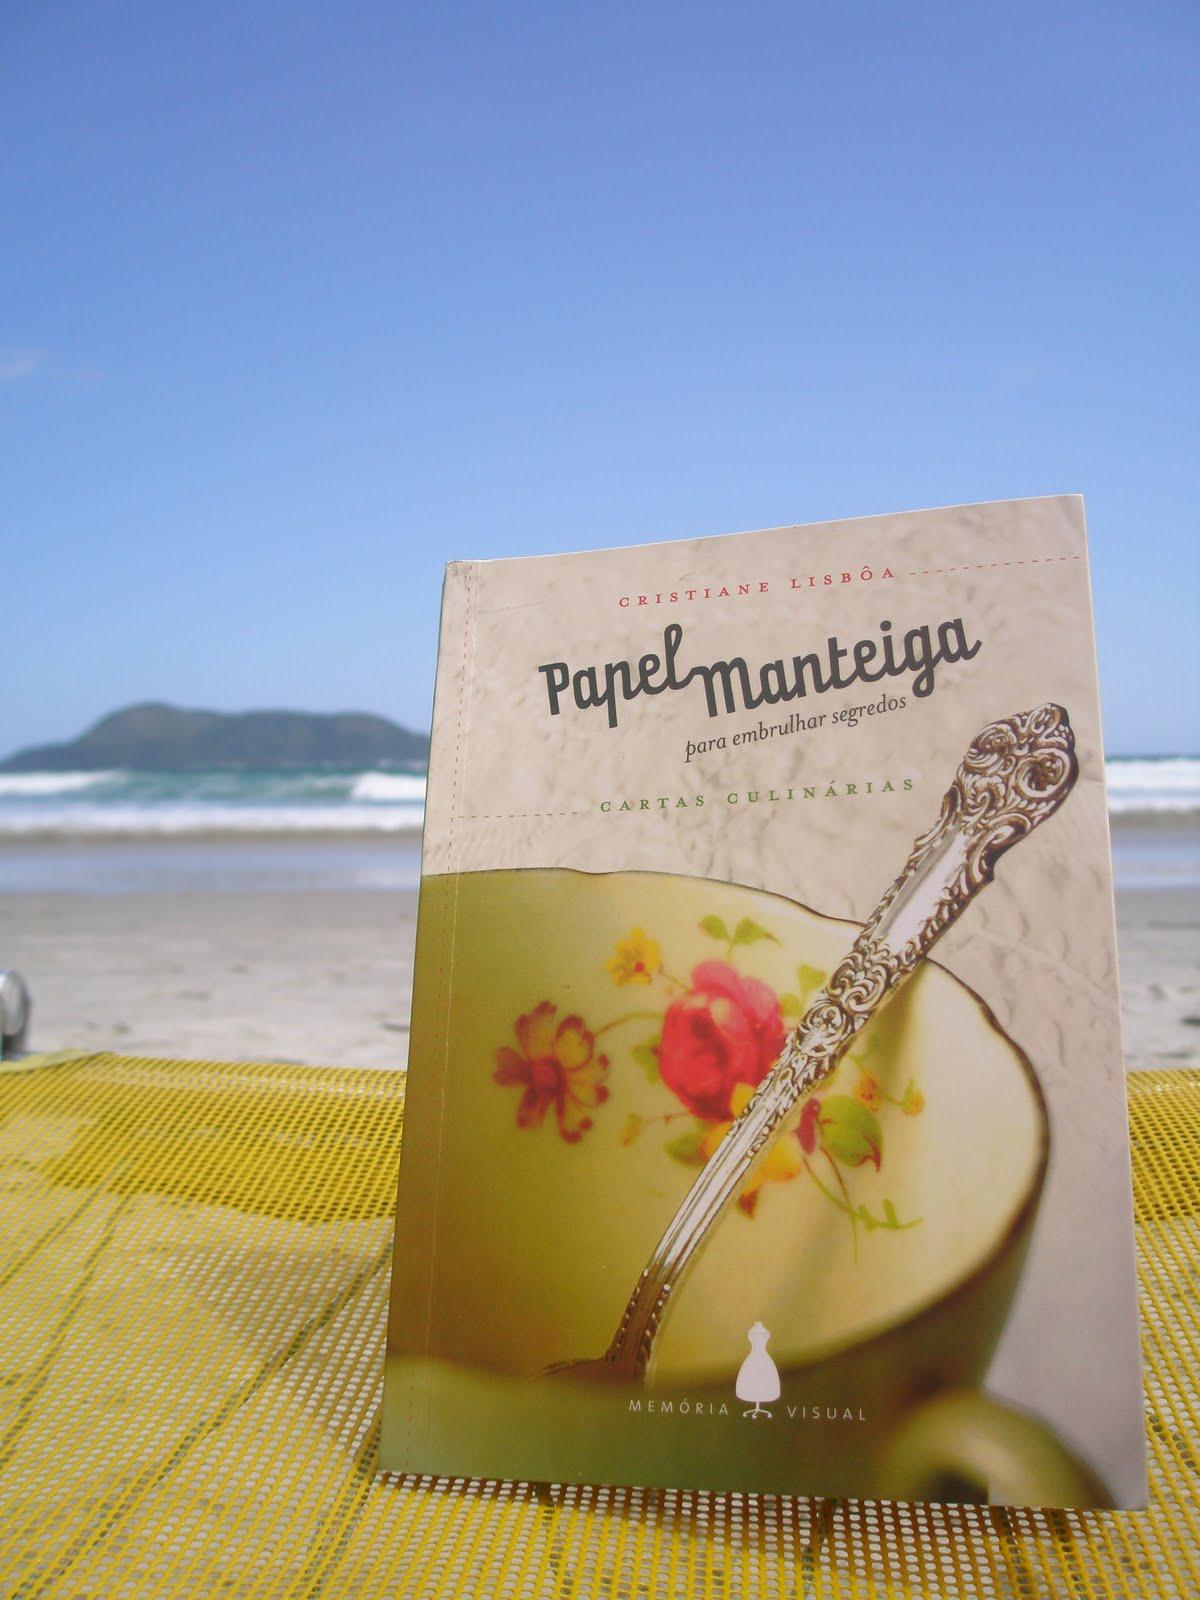 Food and Tips Blog: Livro gostoso de ler